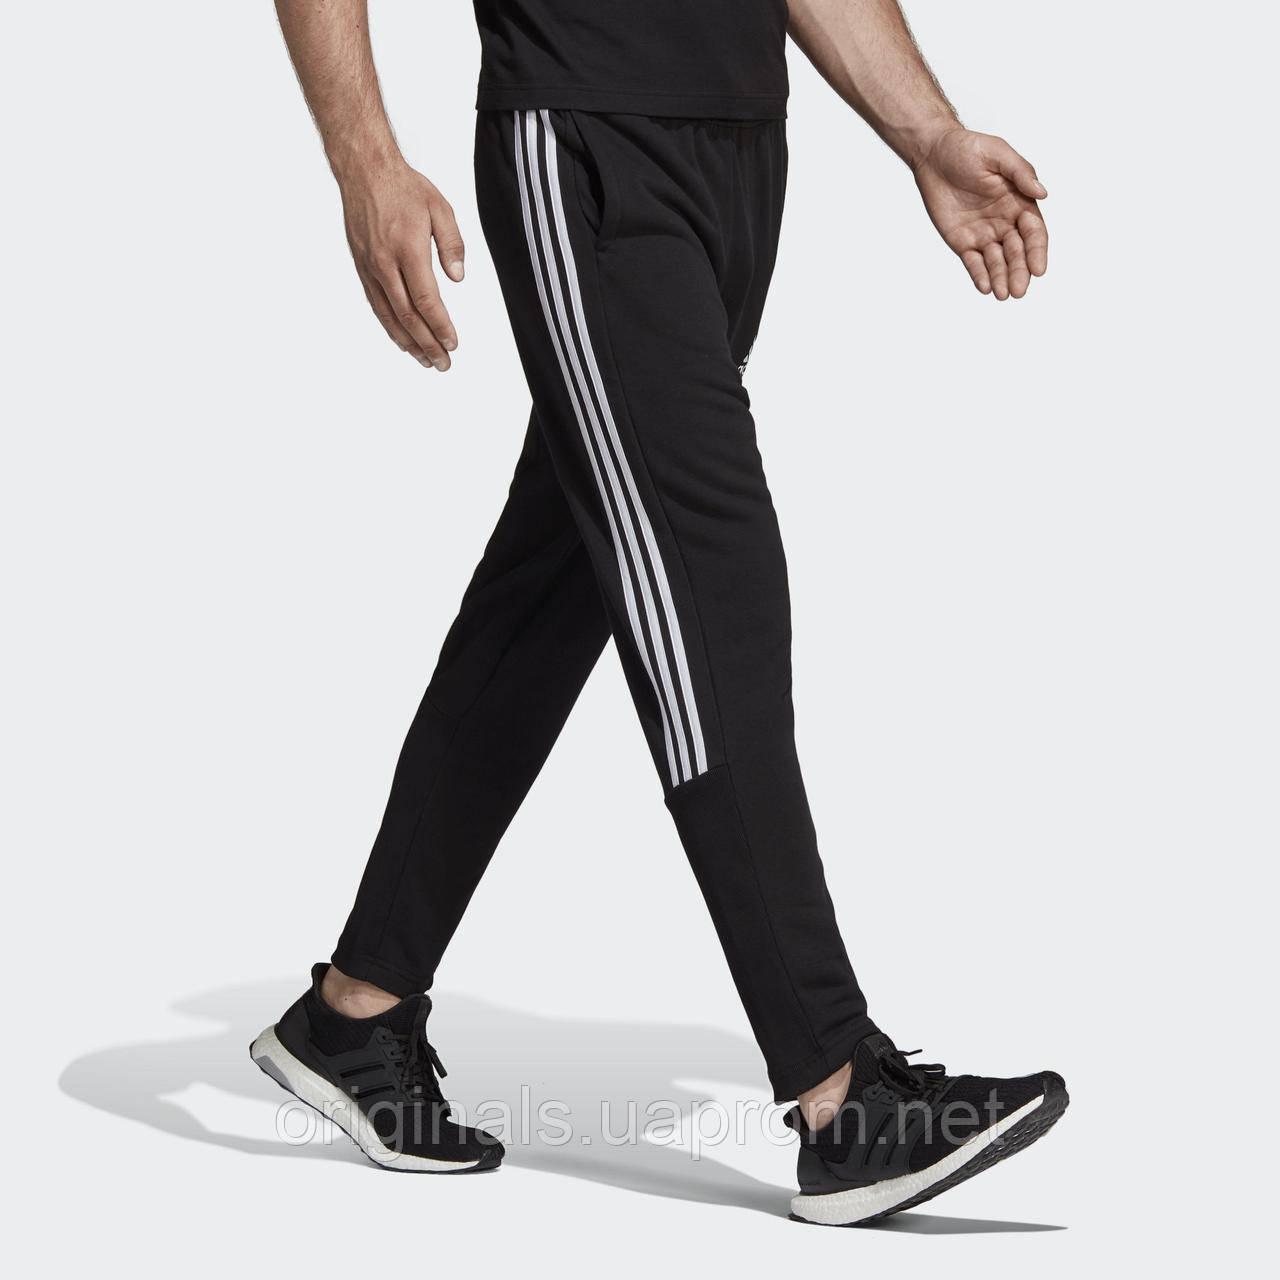 Мужские штаны Адидас Must Haves 3-Stripes Tiro DT9901-